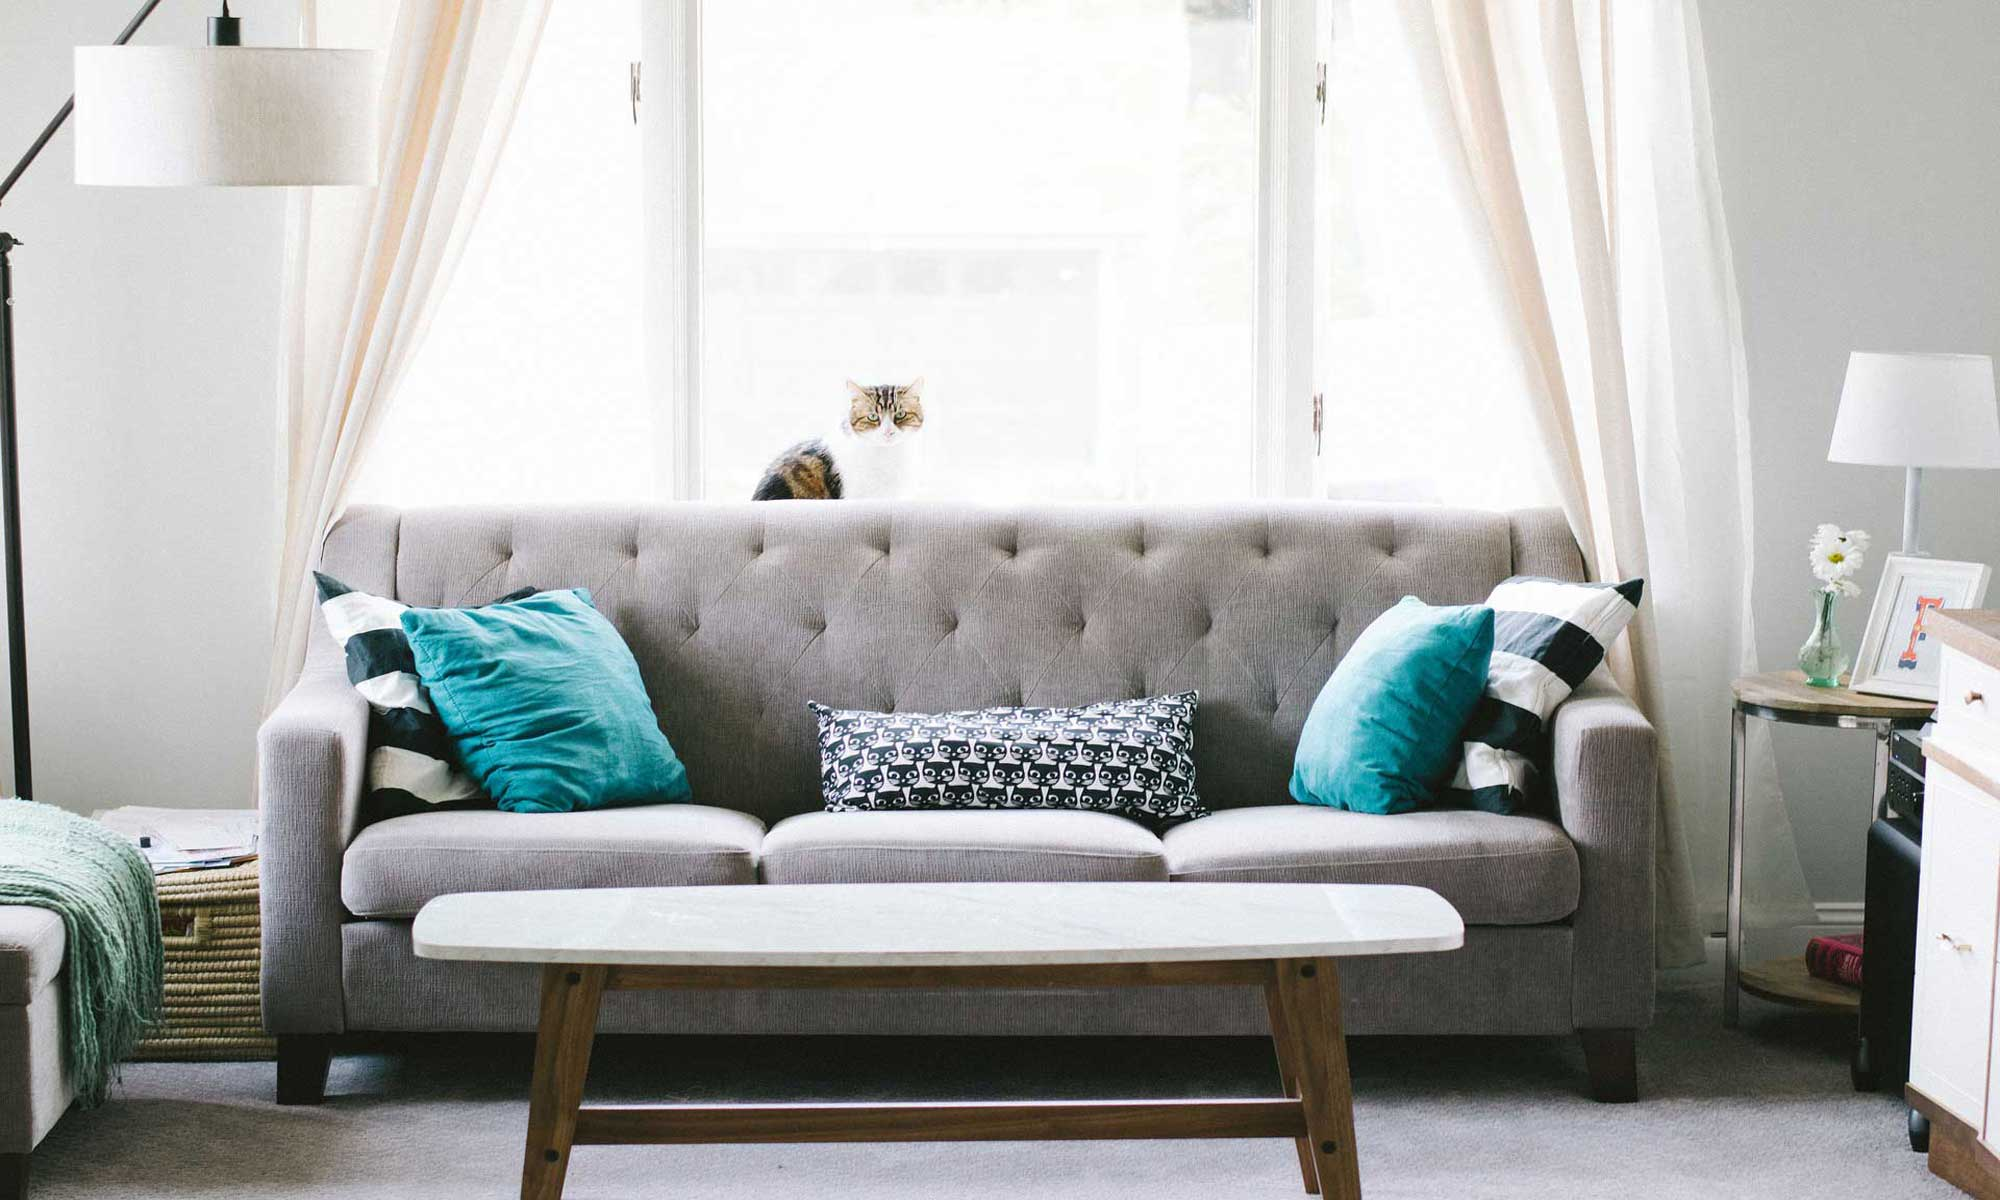 montage-de-meuble-canape